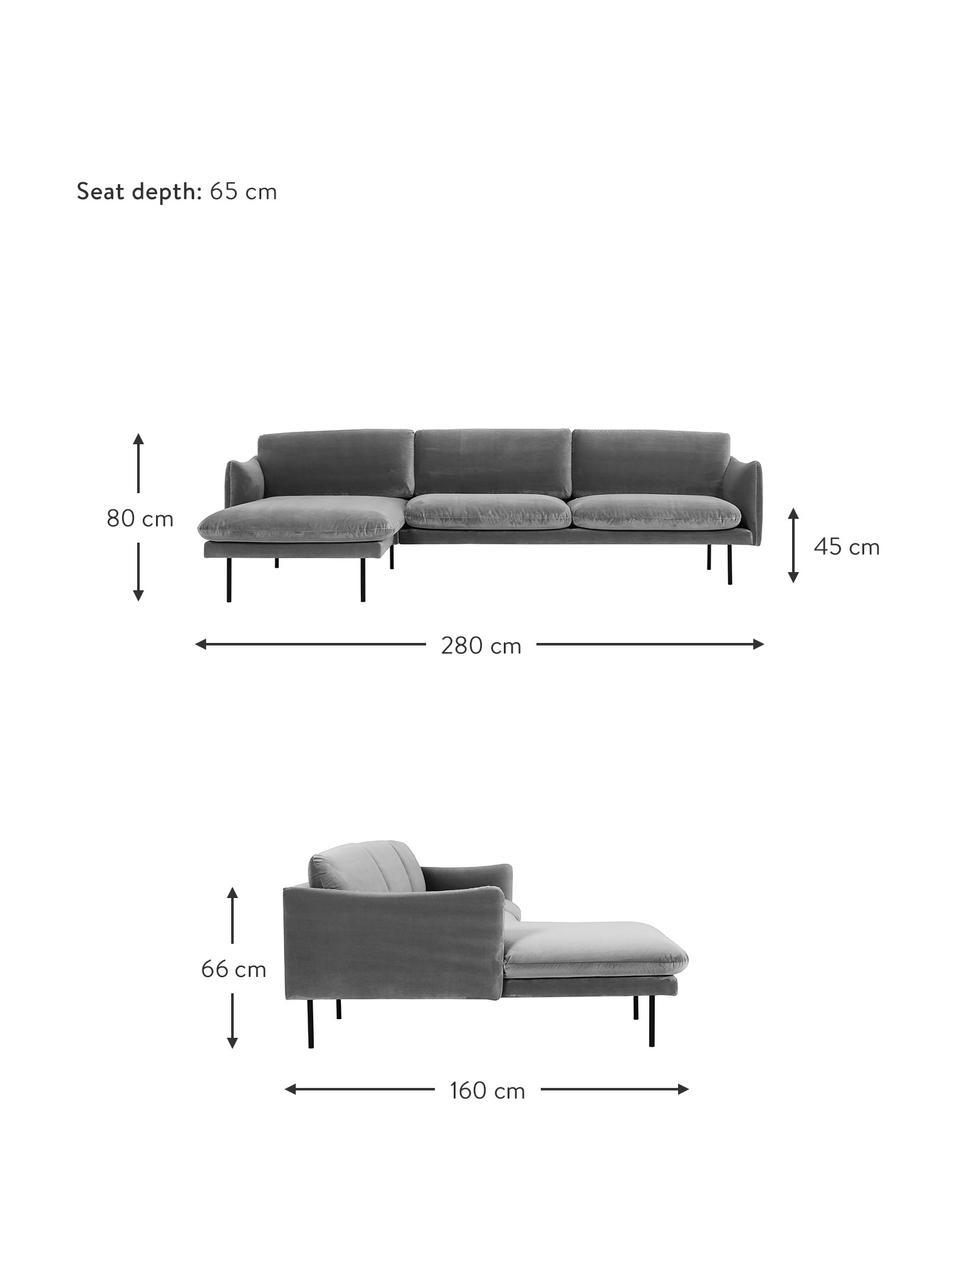 Sofa narożna z aksamitu z metalowymi nogami Moby, Tapicerka: aksamit (wysokiej jakości, Stelaż: lite drewno sosnowe, Nogi: metal malowany proszkowo, Aksamitny szary, S 280 x G 160 cm